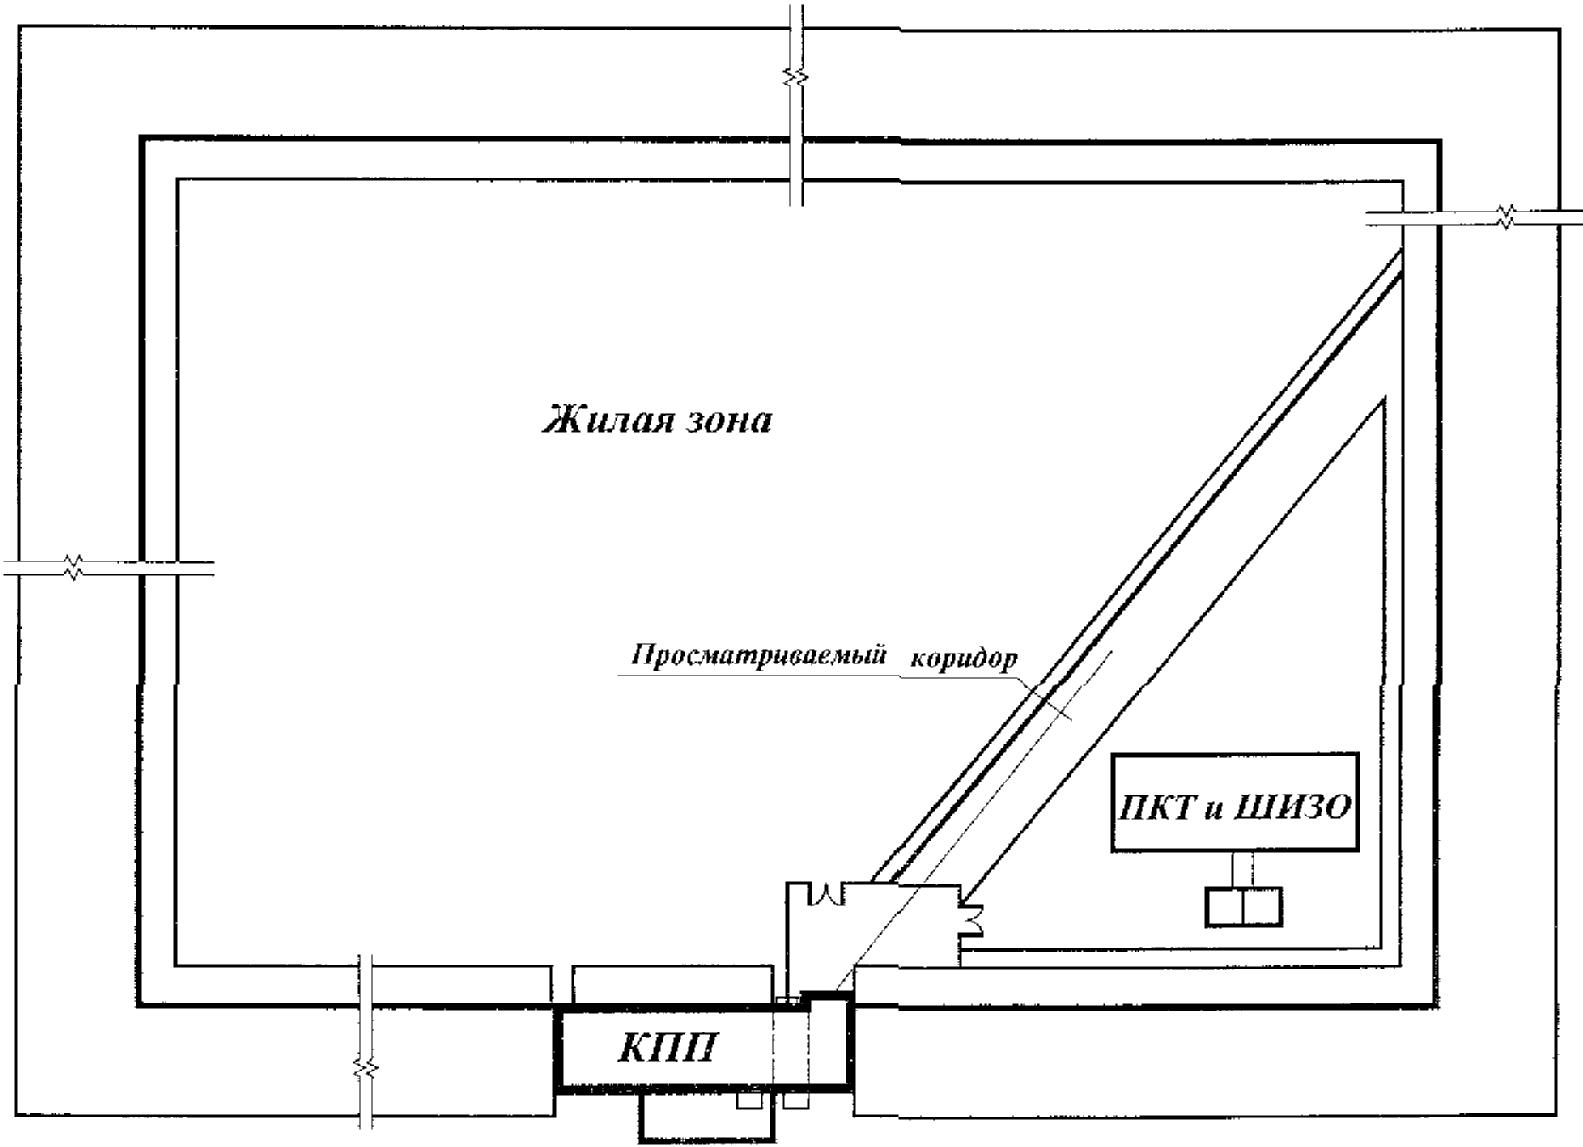 Расположение подпорного вентилятора на лестничной клетке